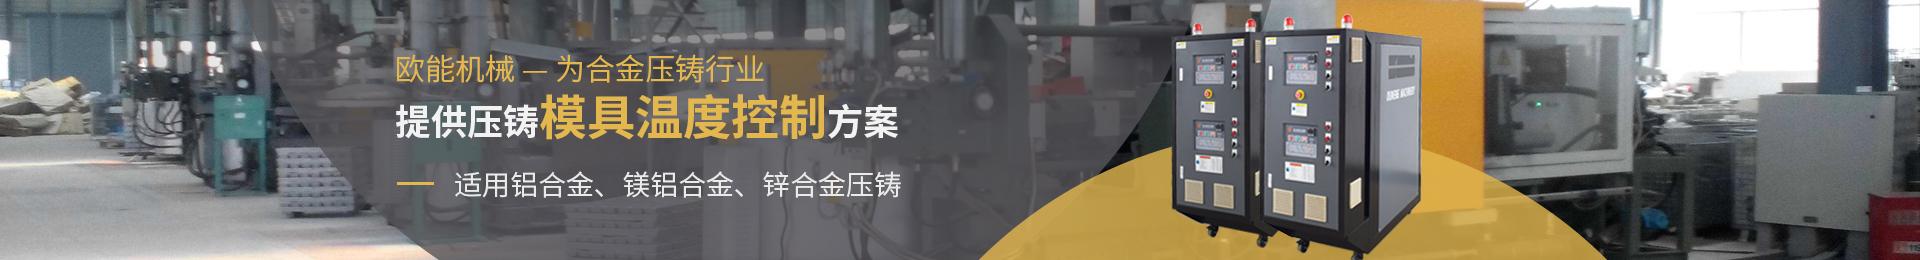 欧能机械为合金压铸行业提供压铸模具温度控制方案,适用于铝合金、镁合金、锌合金压铸。